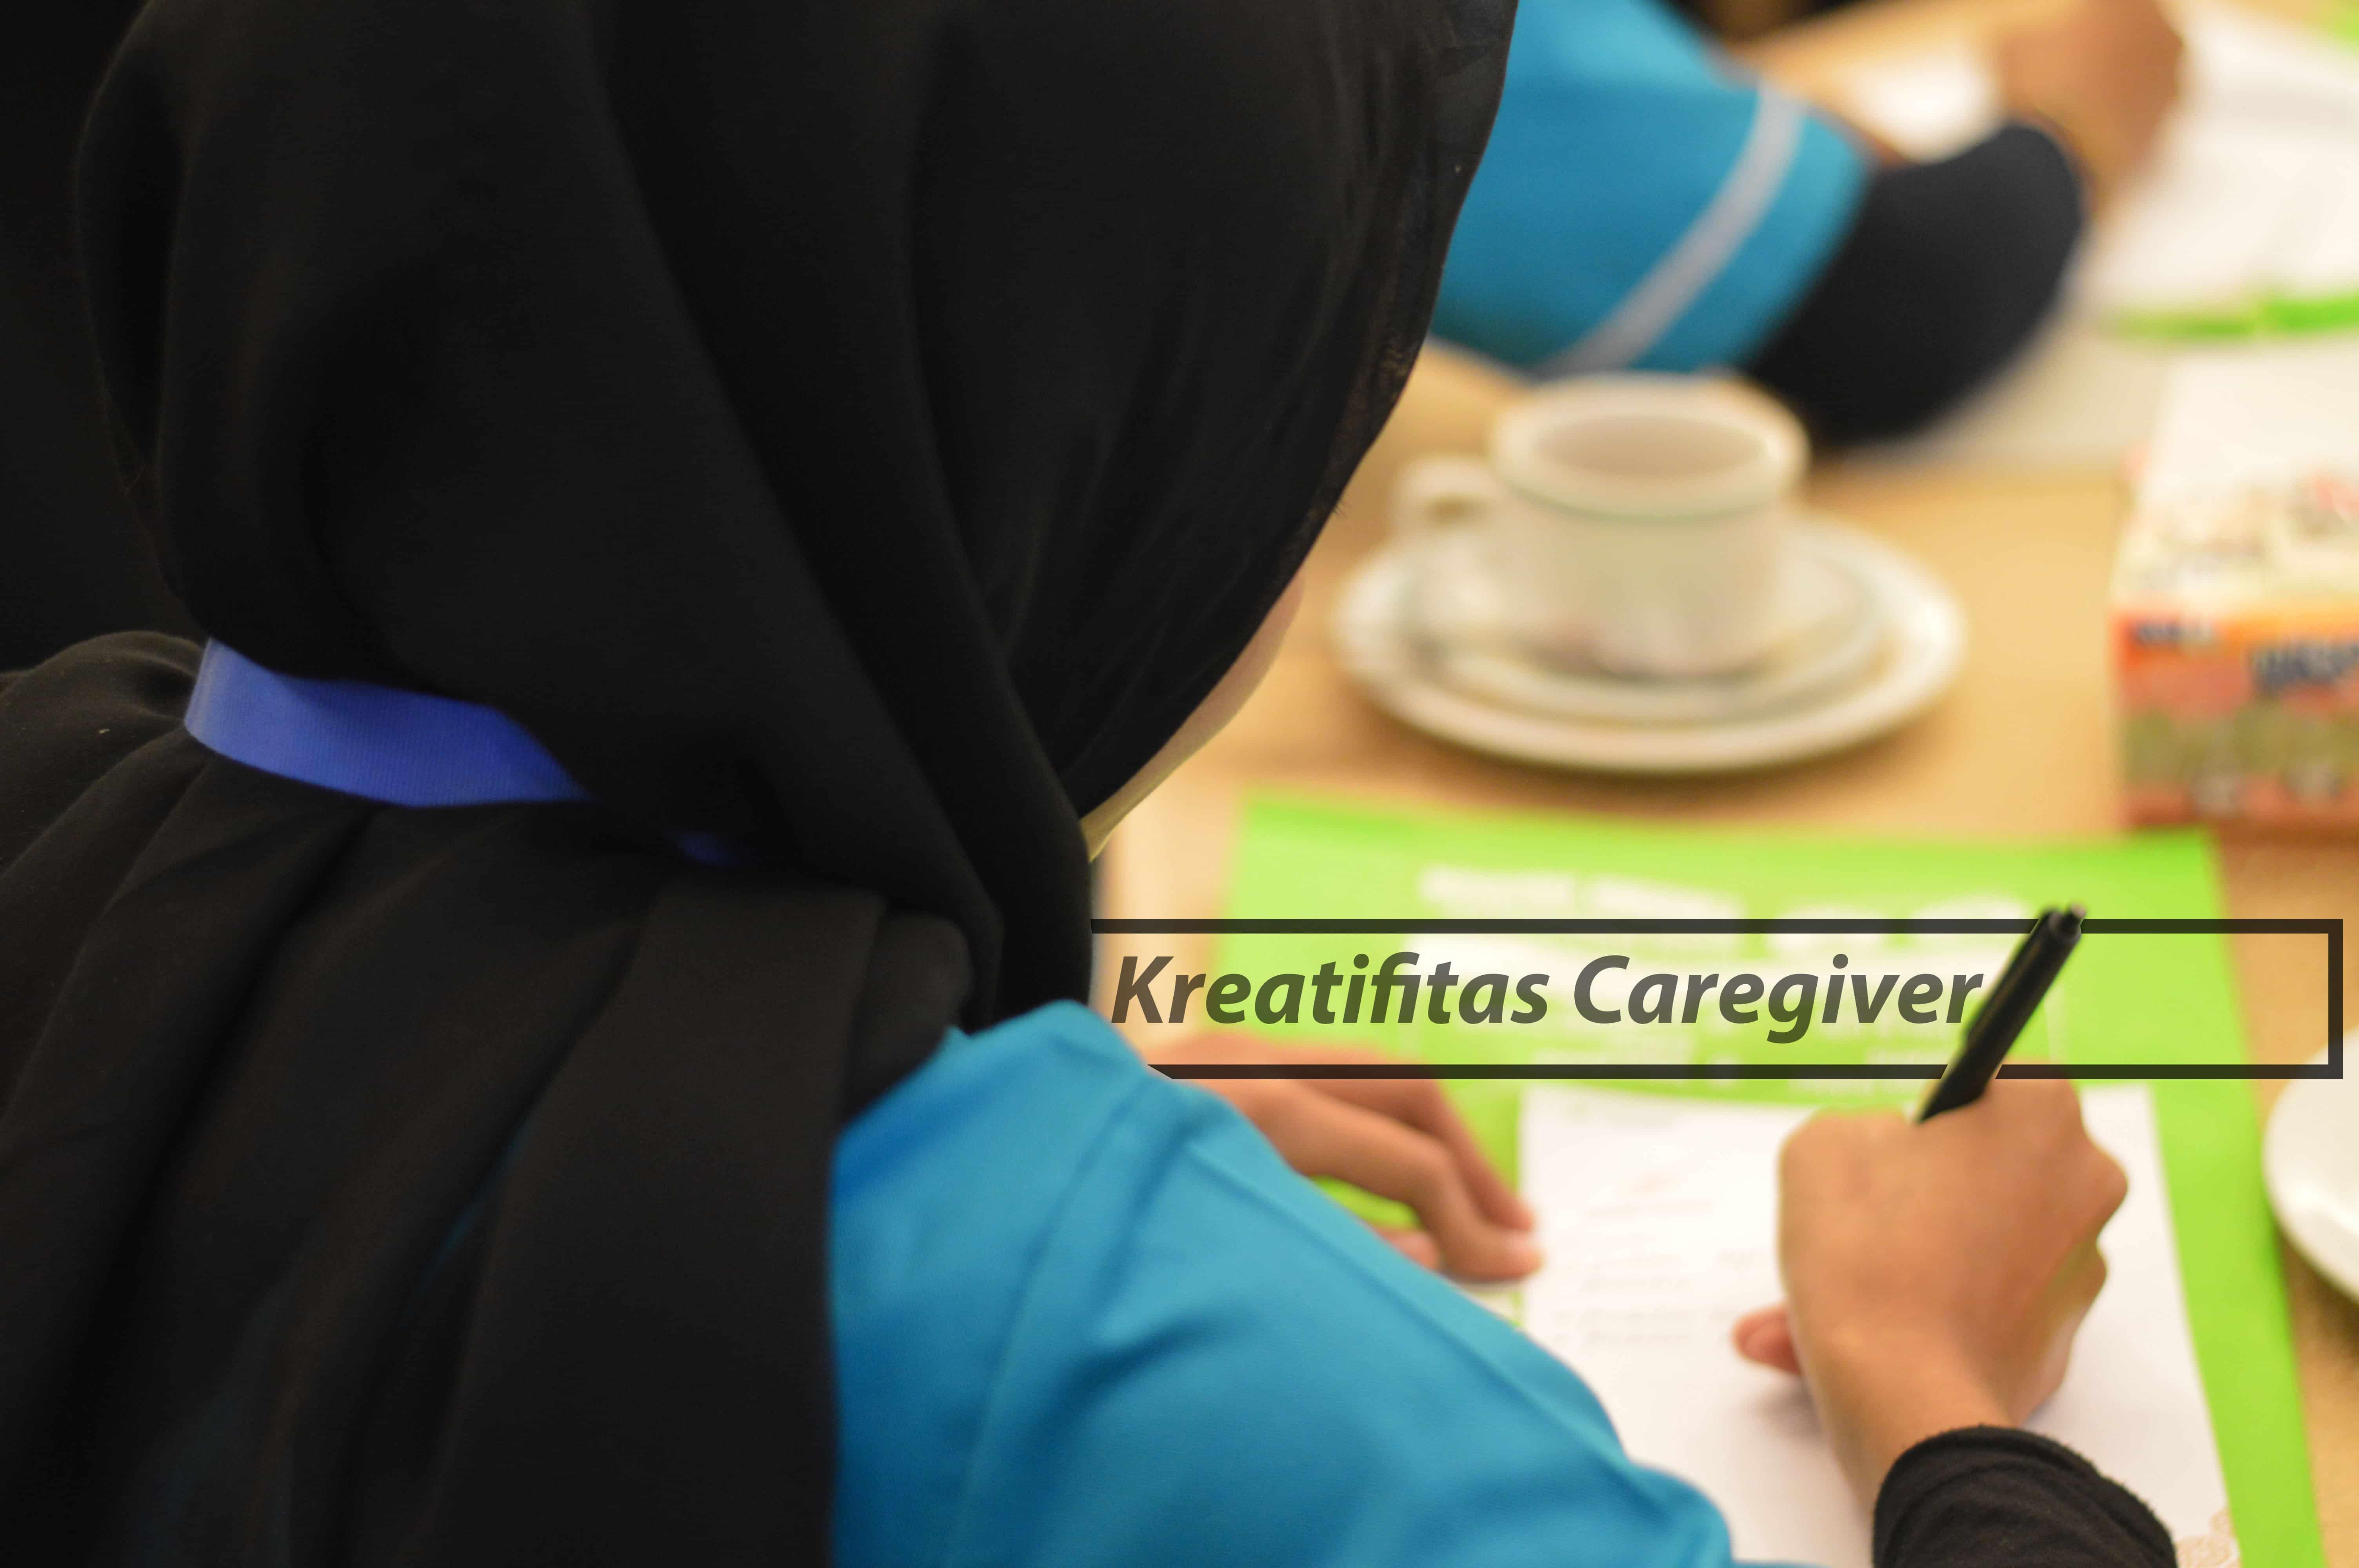 Caregiver Insan medika